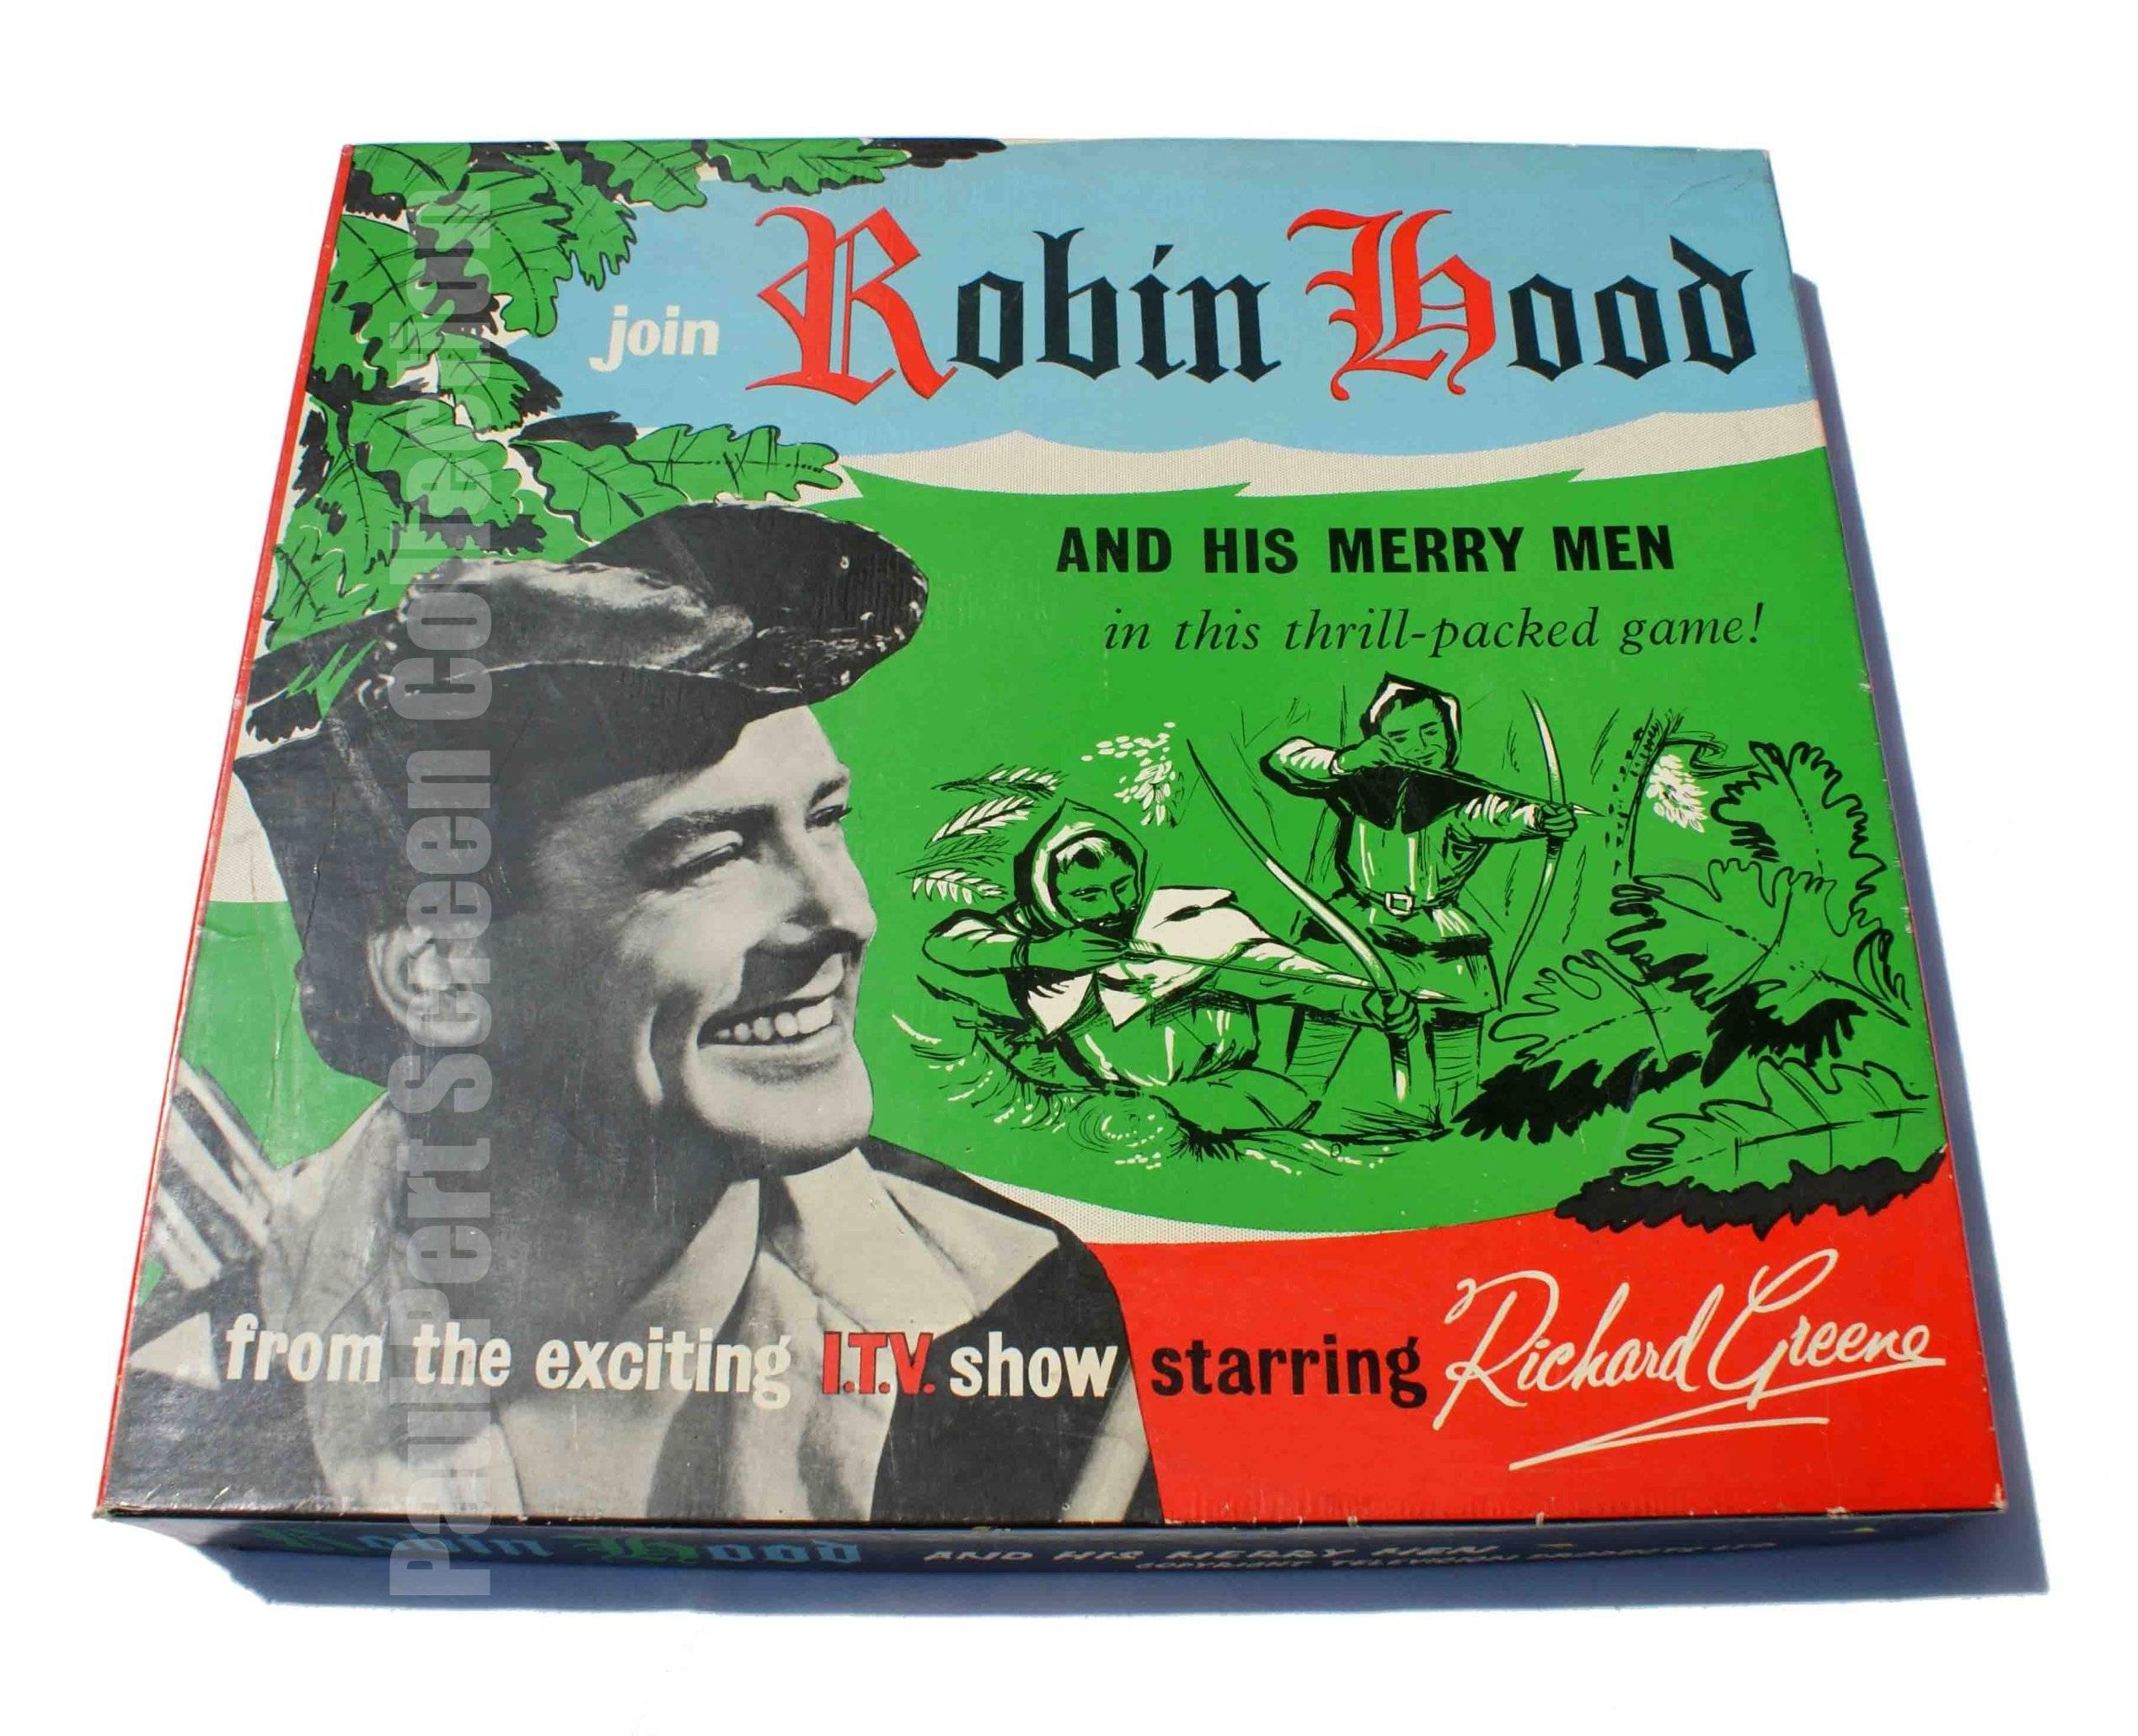 Robin Hood (Richard Greene)